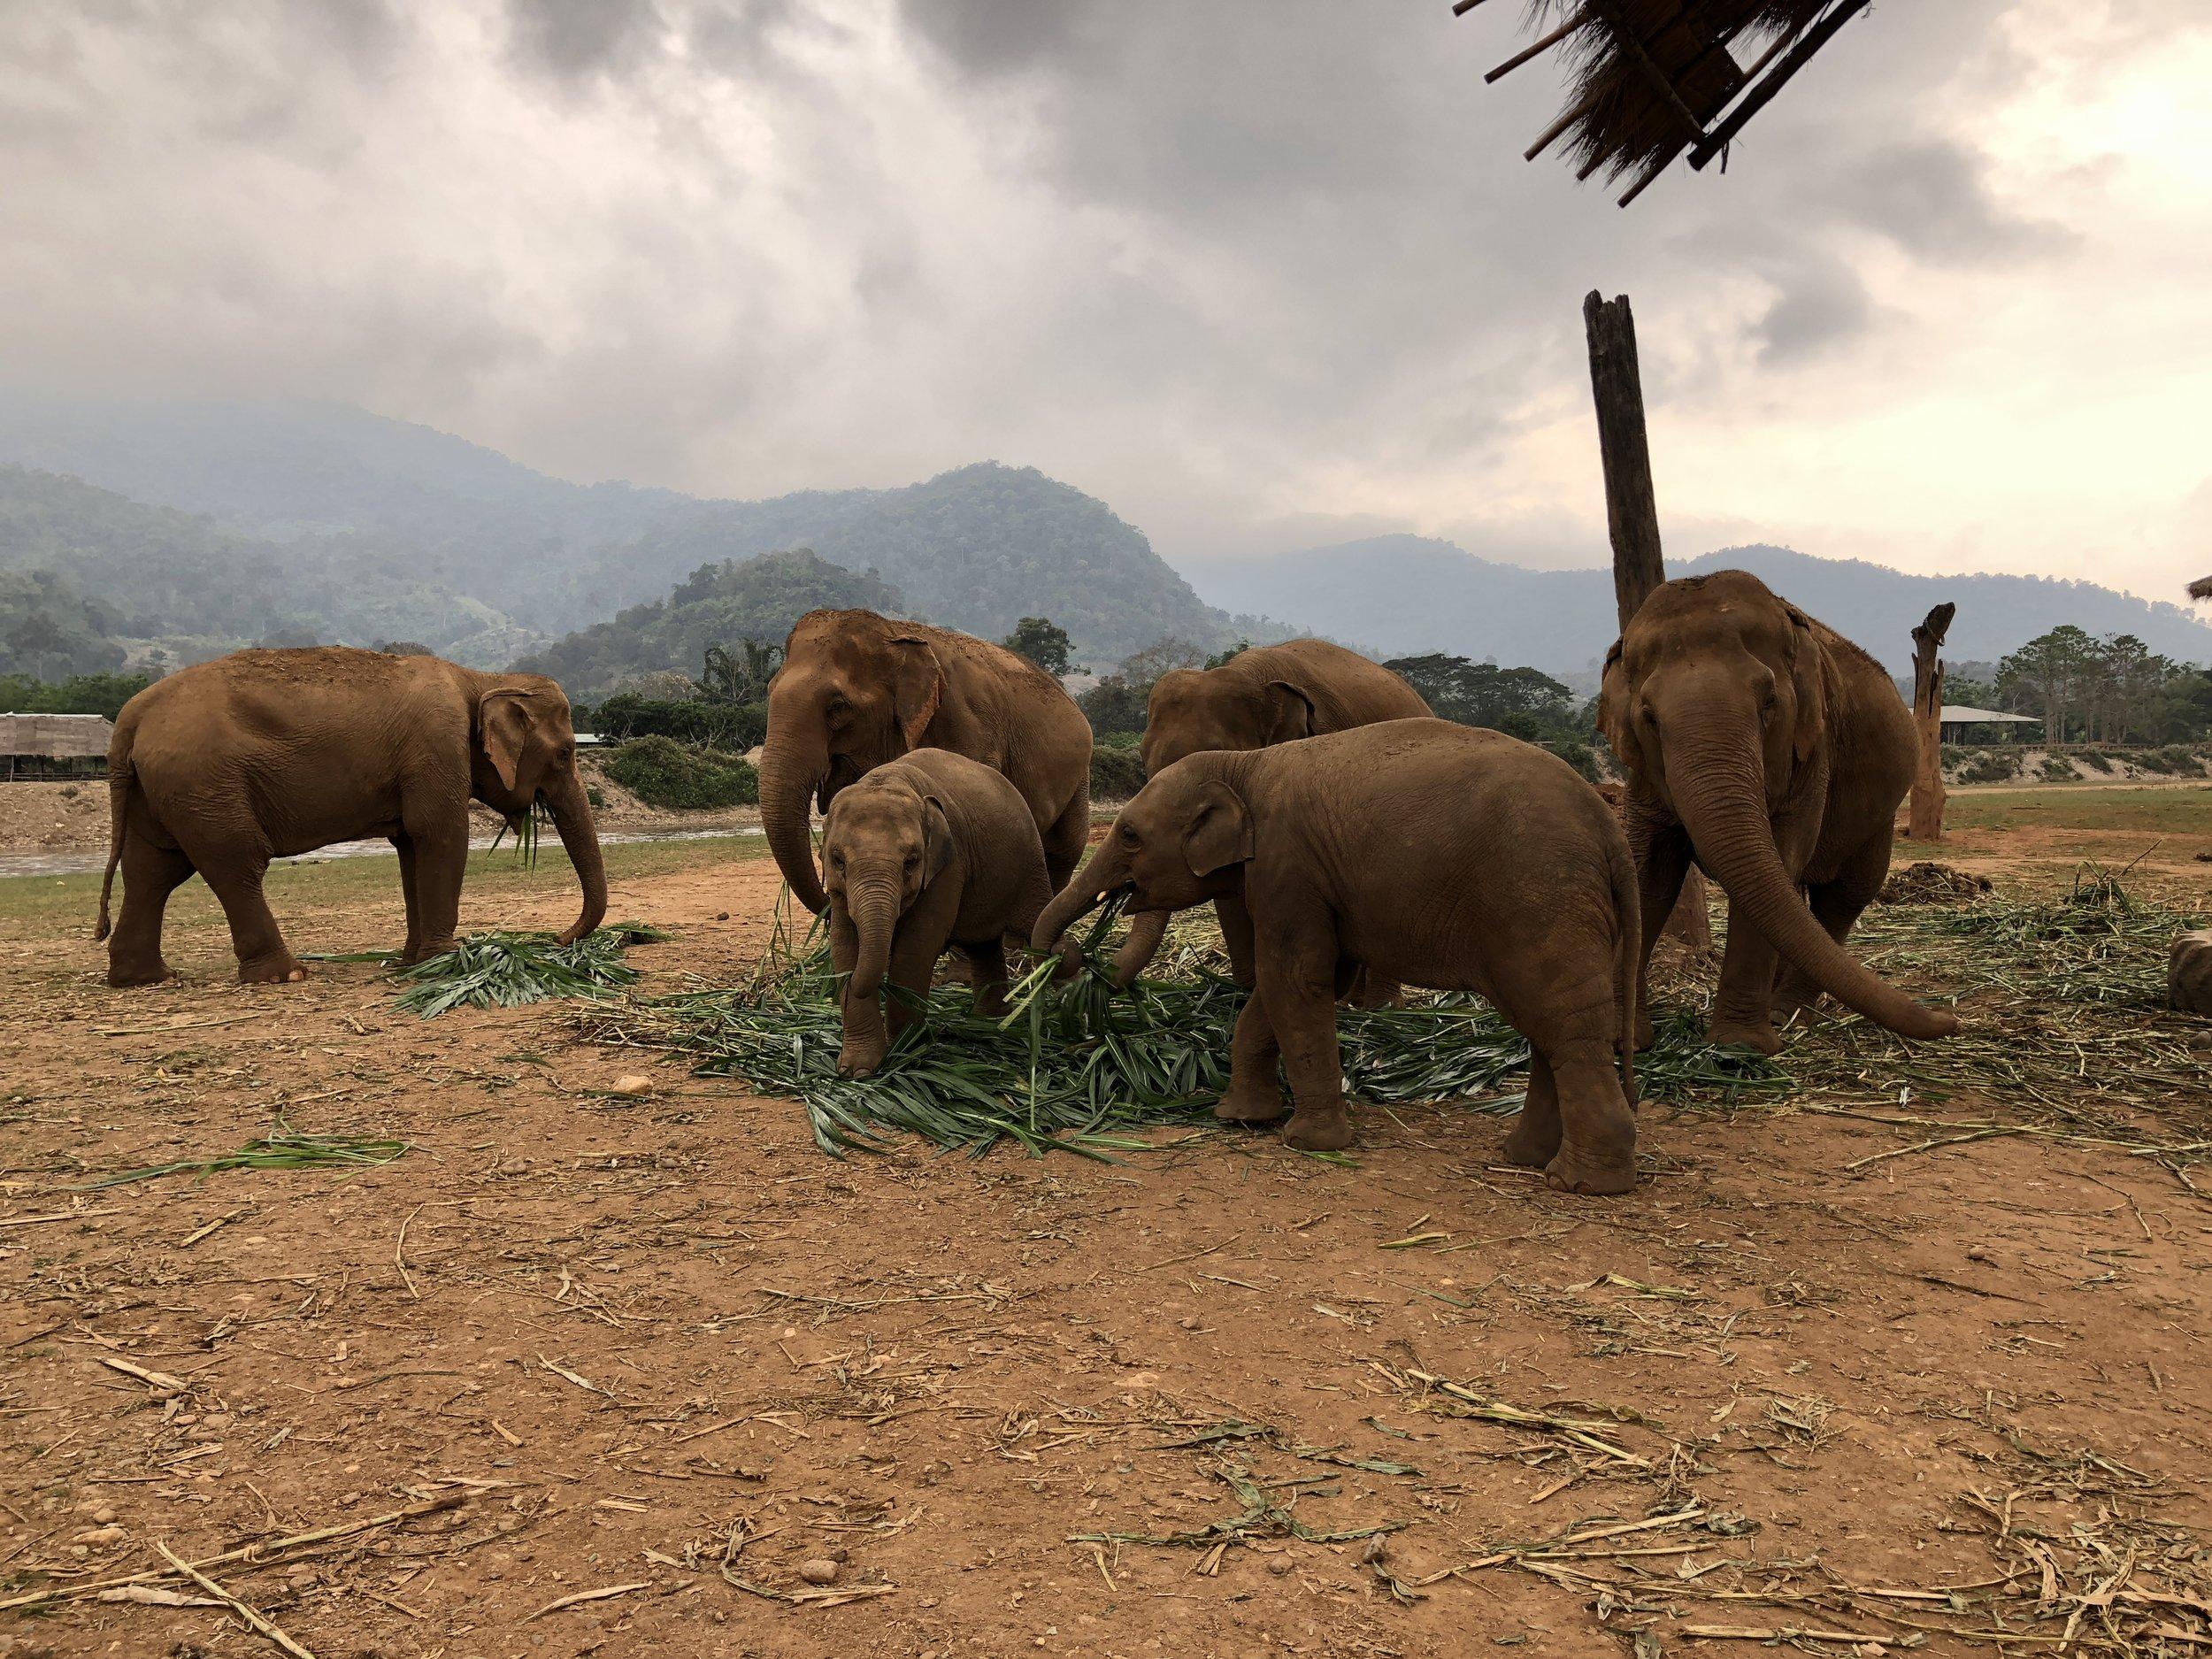 Choosing an Ethical Elephant Sanctuary | The Lavorato Lens